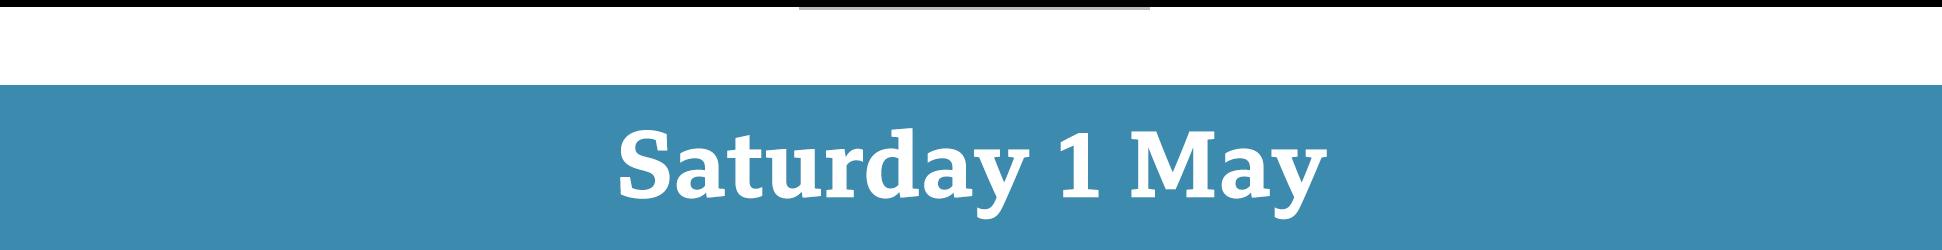 Saturday 1 May